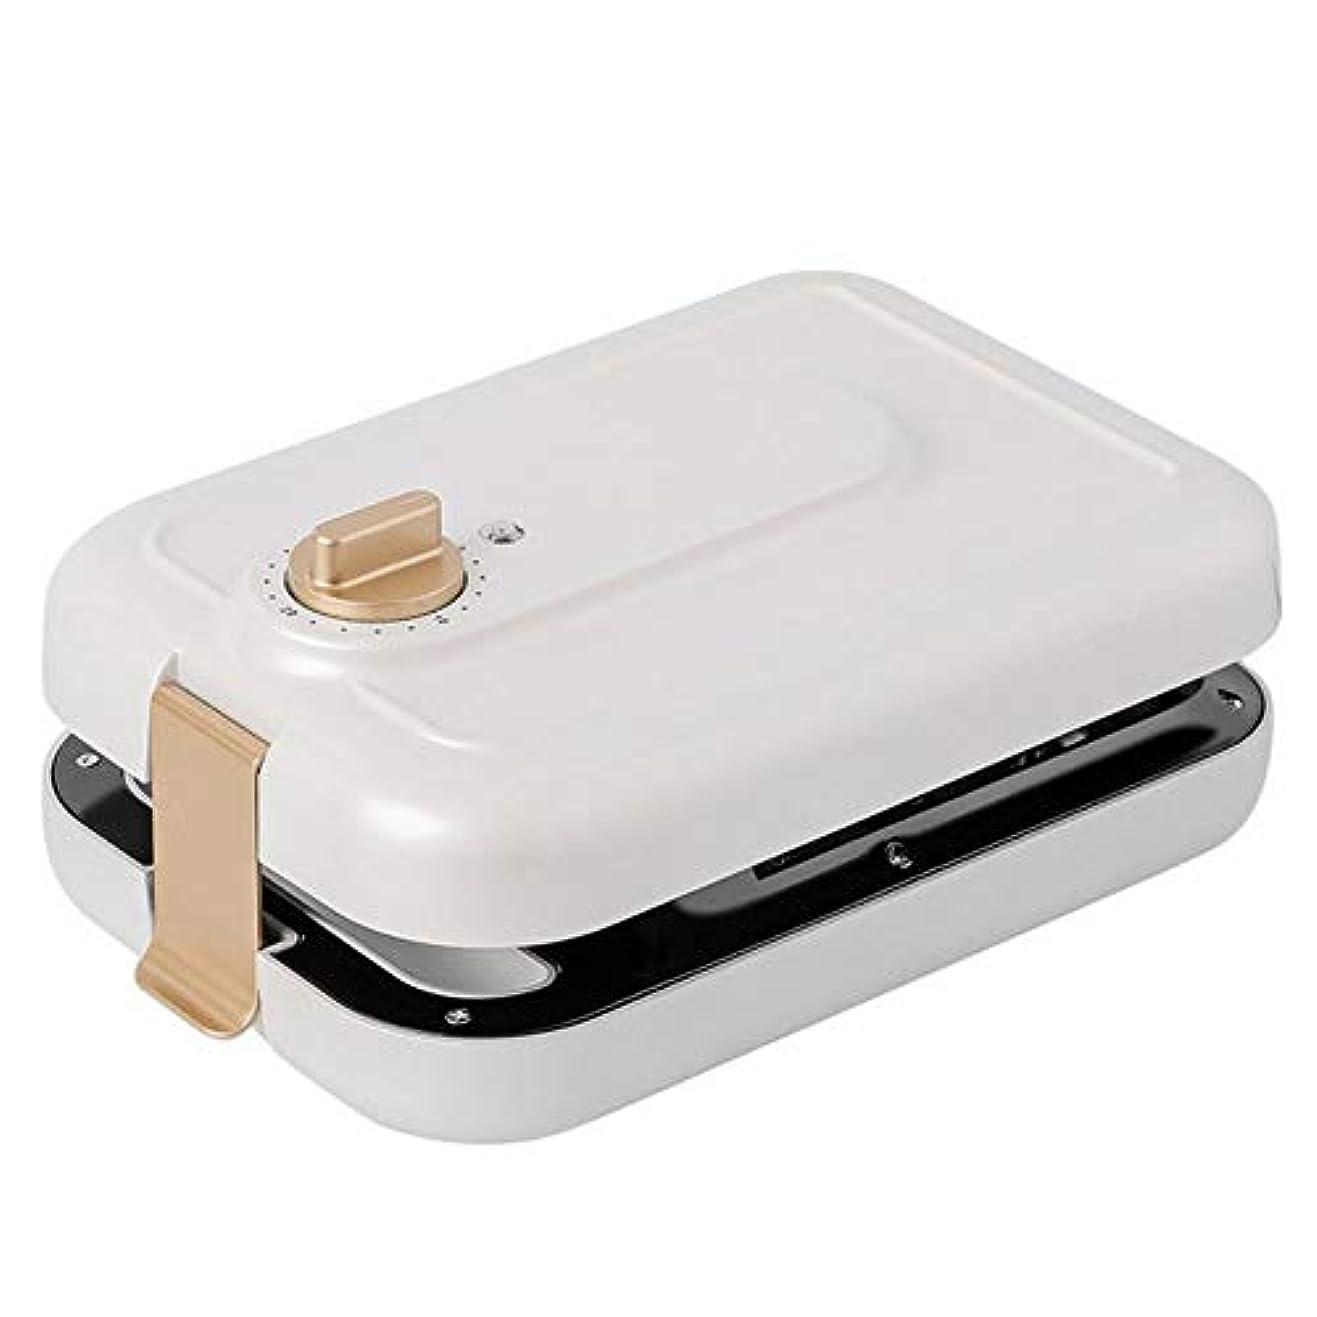 ピカソニコチン逆さまにオムレツの朝食のワッフル機、オーブン、電気アイロンマシン発泡サンドイッチメーカーのワッフルメーカー家庭の台所用220V 3パン,220-240V,欧州連合